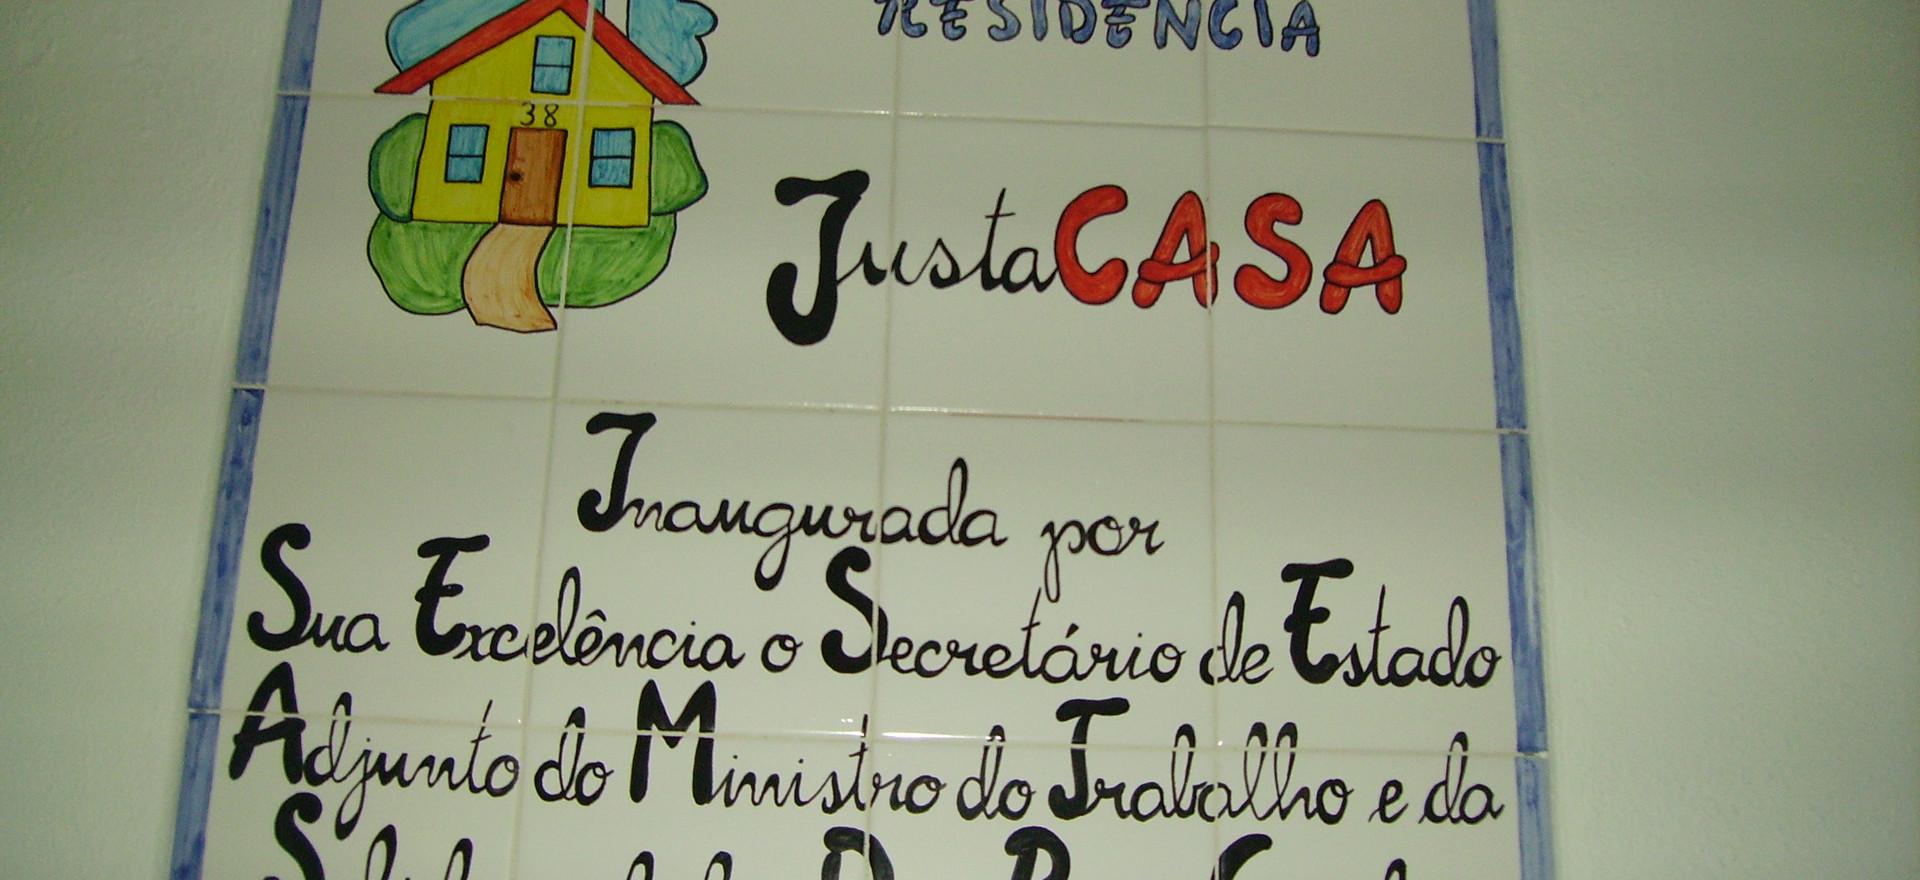 LAR DE APOIO // RESIDÊNCIA JustaCASA